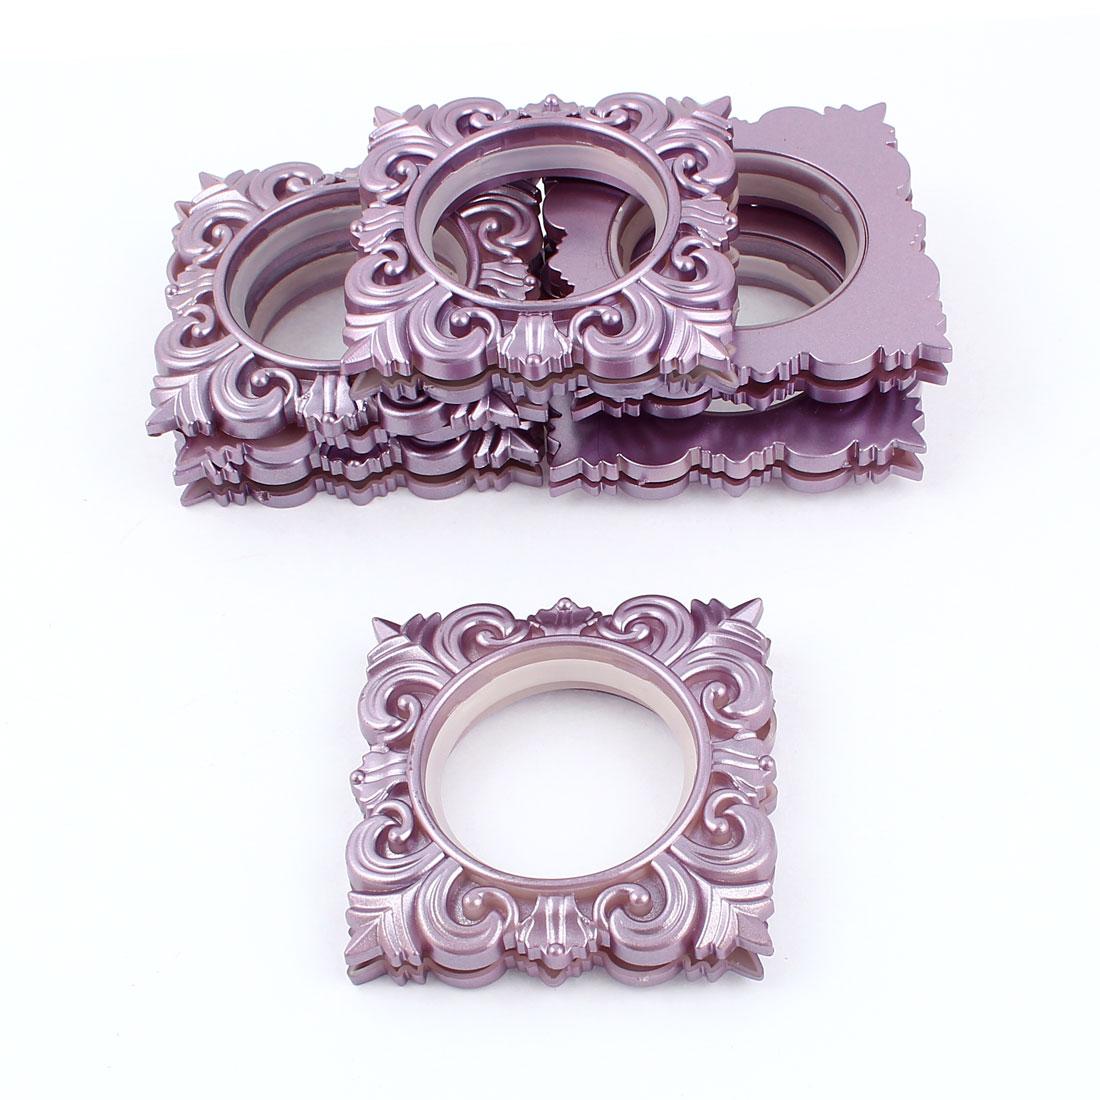 6 Pcs Square Rings Purple 45mm Inner Diameter for Eyelet Curtain